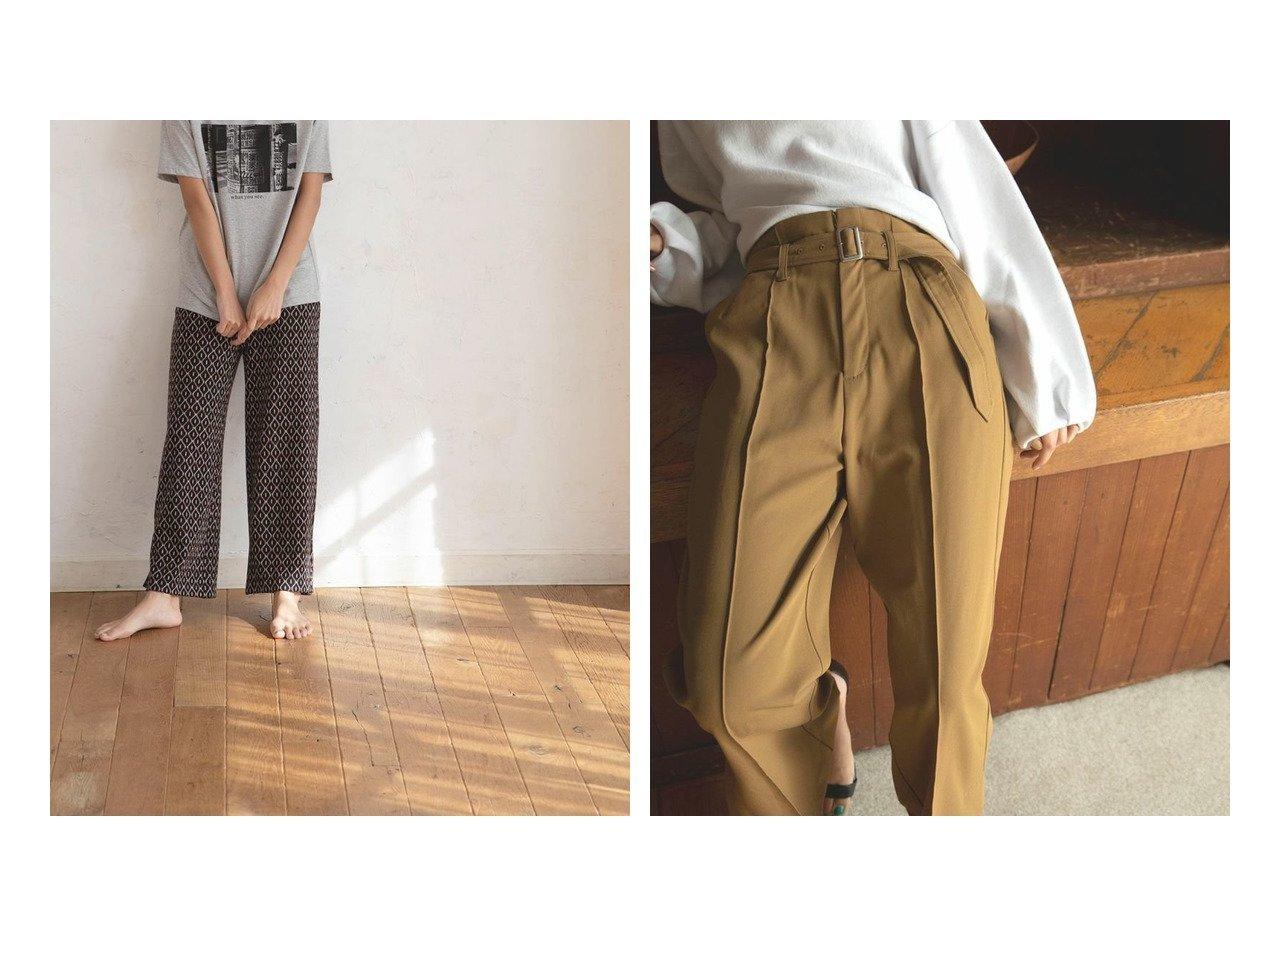 【marjour/マージュール】のリラックスレトロパターンパンツ RELAX RETRO PATTERN PANTS&ワームスリットパンツ WARM SLIT PANTS マージュールのおすすめ!人気、トレンド・レディースファッションの通販 おすすめで人気の流行・トレンド、ファッションの通販商品 メンズファッション・キッズファッション・インテリア・家具・レディースファッション・服の通販 founy(ファニー) https://founy.com/ ファッション Fashion レディースファッション WOMEN パンツ Pants シンプル トレンド プレーン リラックス ジャケット スウェット スリット センター ワイド |ID:crp329100000021539